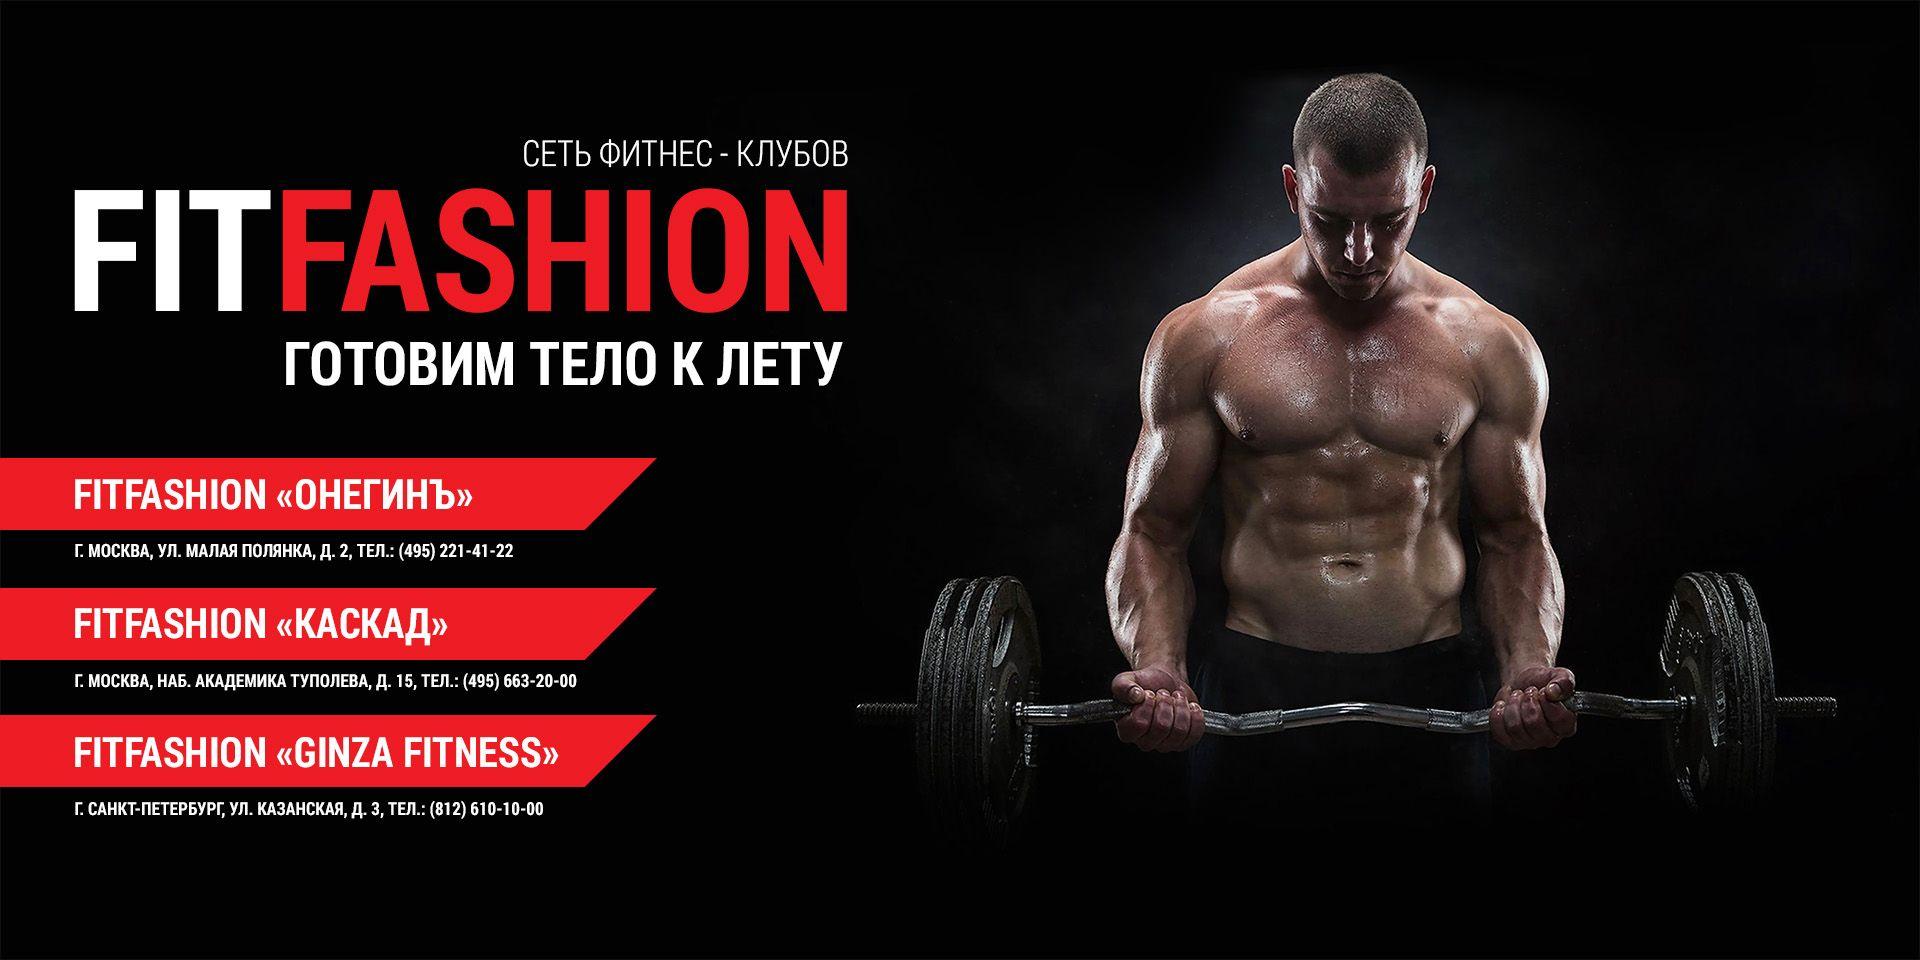 Дизайн наружной рекламы фитнес-клуба - дизайнер DynamicMotion